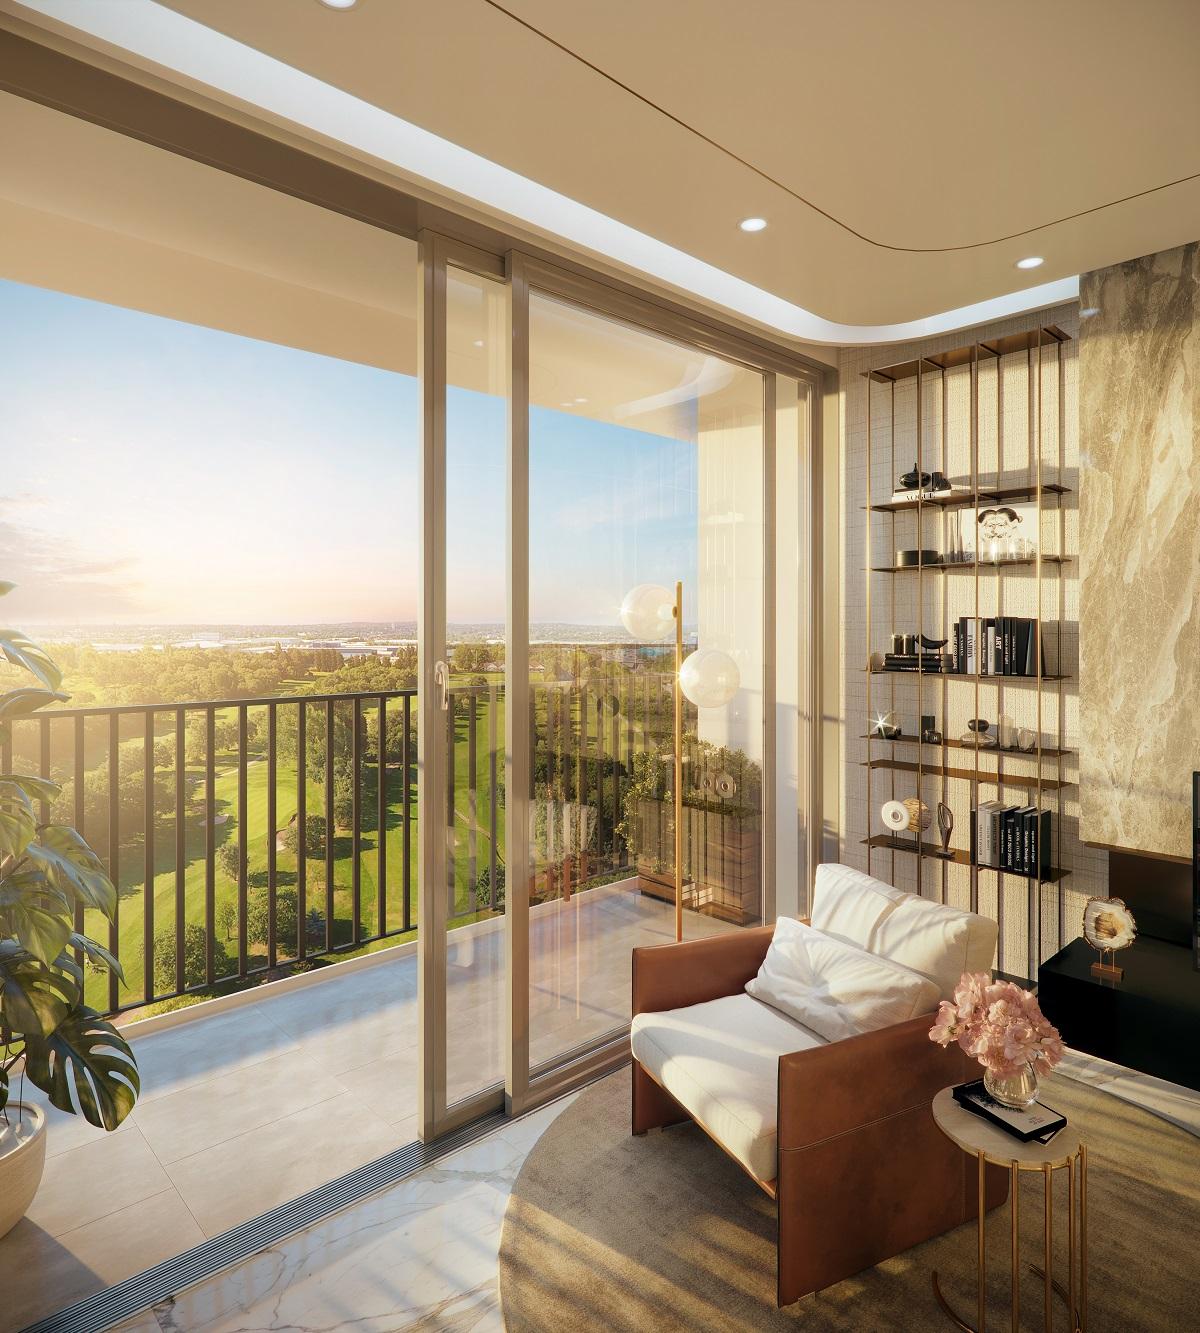 Opal Skyline view sân golf - Ký gửi, chuyển nhượng, bán lại, cho thuê căn hộ Opal Skyline Đất Xanh